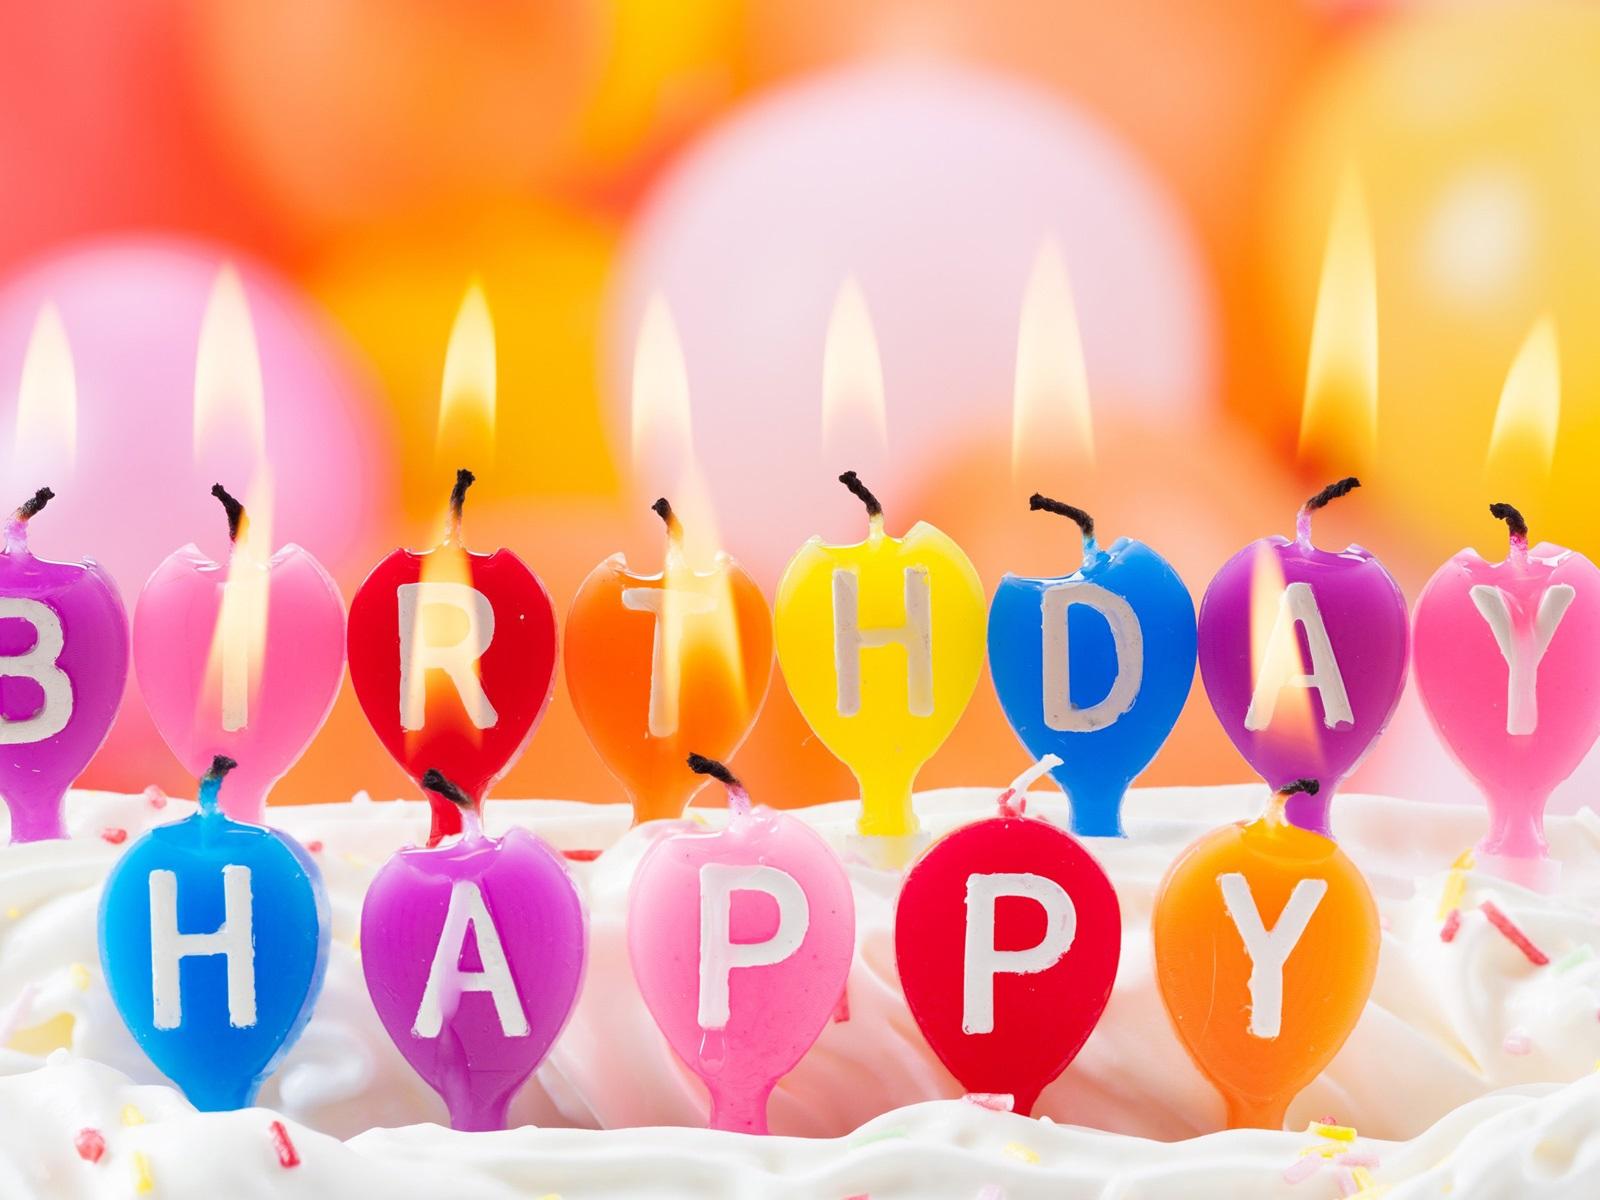 Поздравление с днем рождения livejournal 24